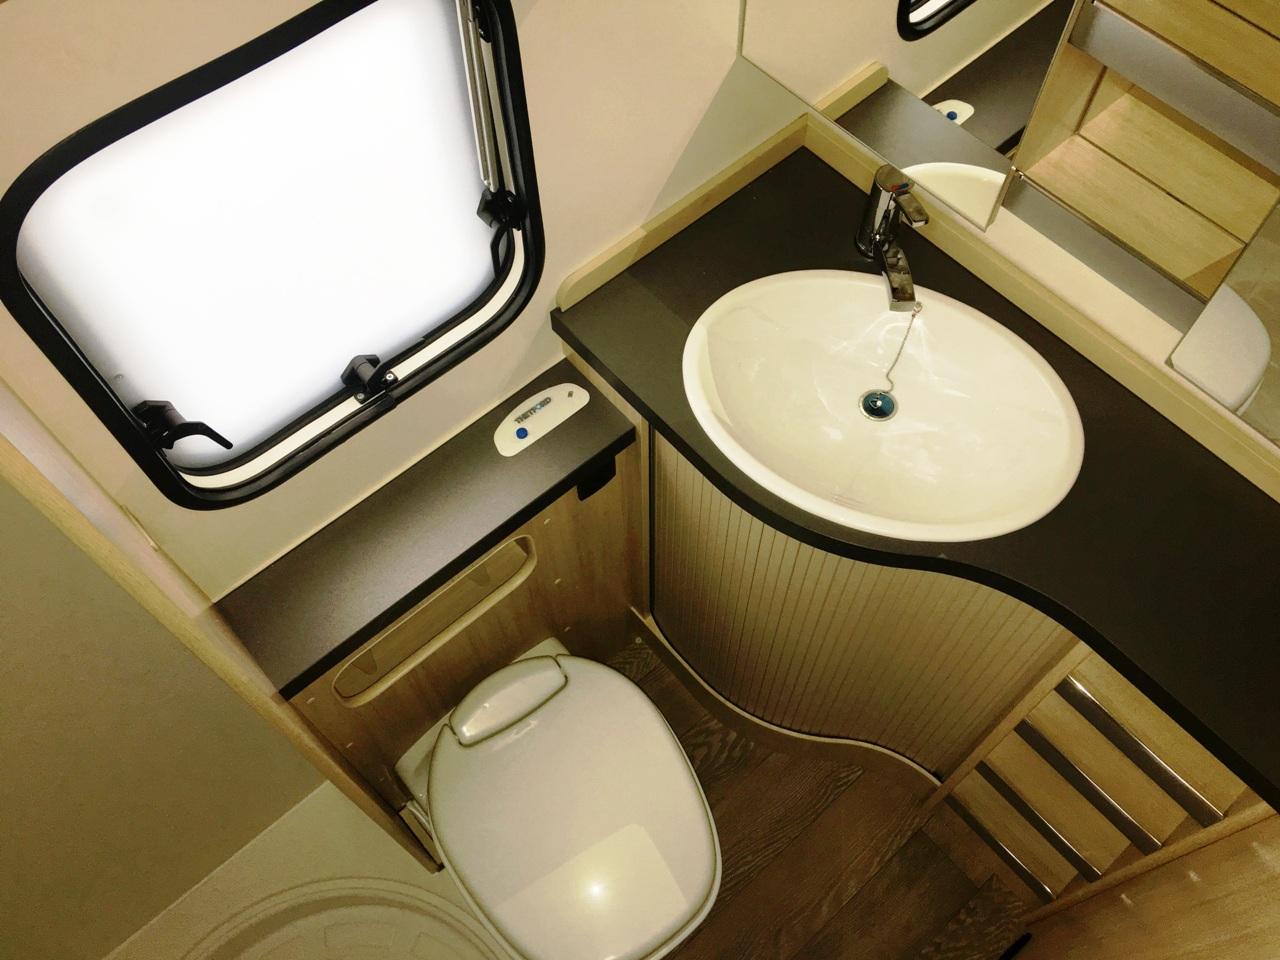 Wassercamper | Der geräumige Nassbereich mit separater Dusche im Wohnwagen | Camping auf dem Wasser